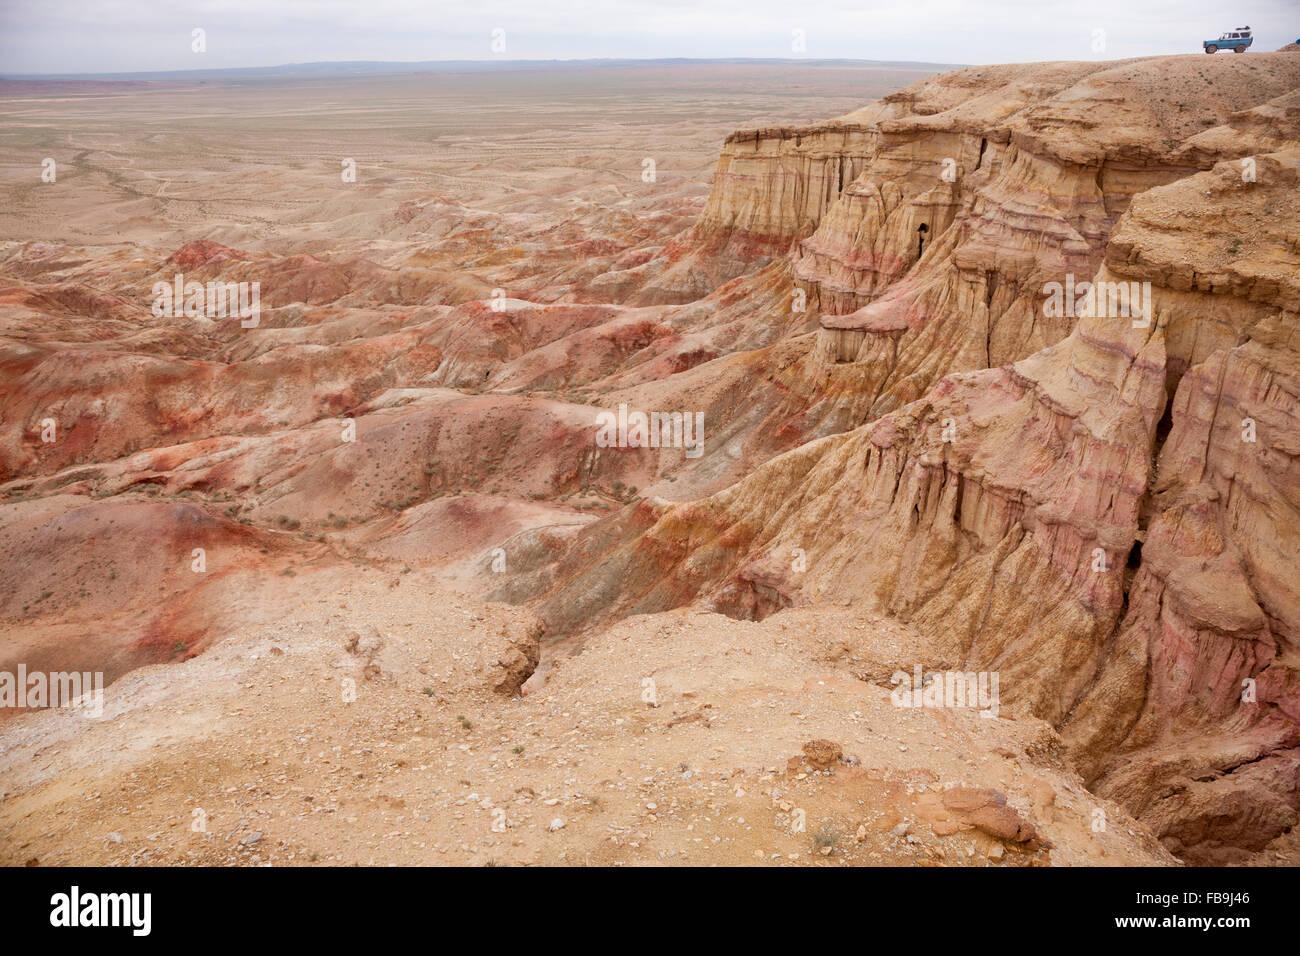 Eine russische 4WD mit Blick auf die Gobi Wüste, Mongolei. Stockbild